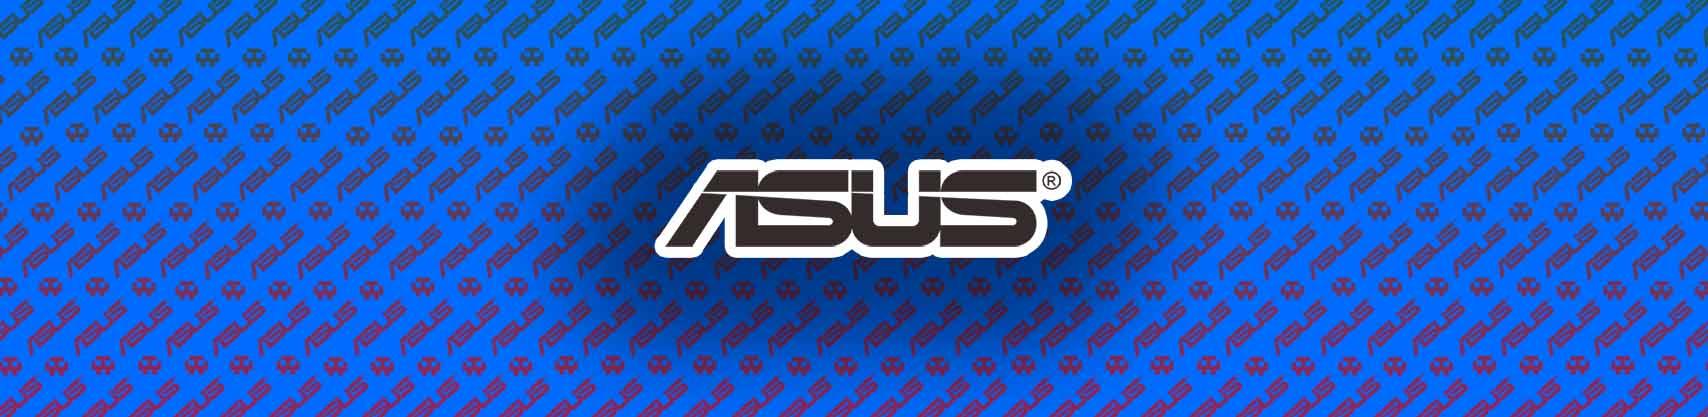 Asus TM-AC1900 Manual